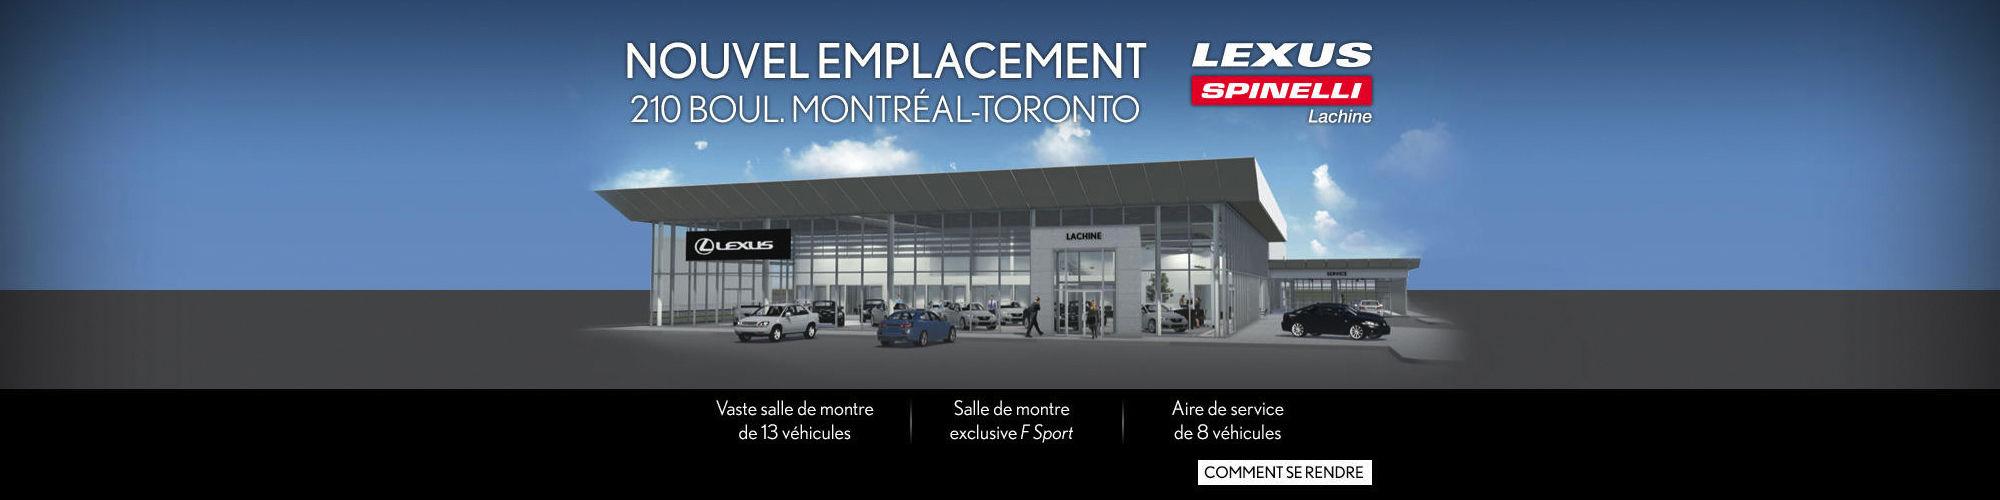 Lexus Lachine - déménagement